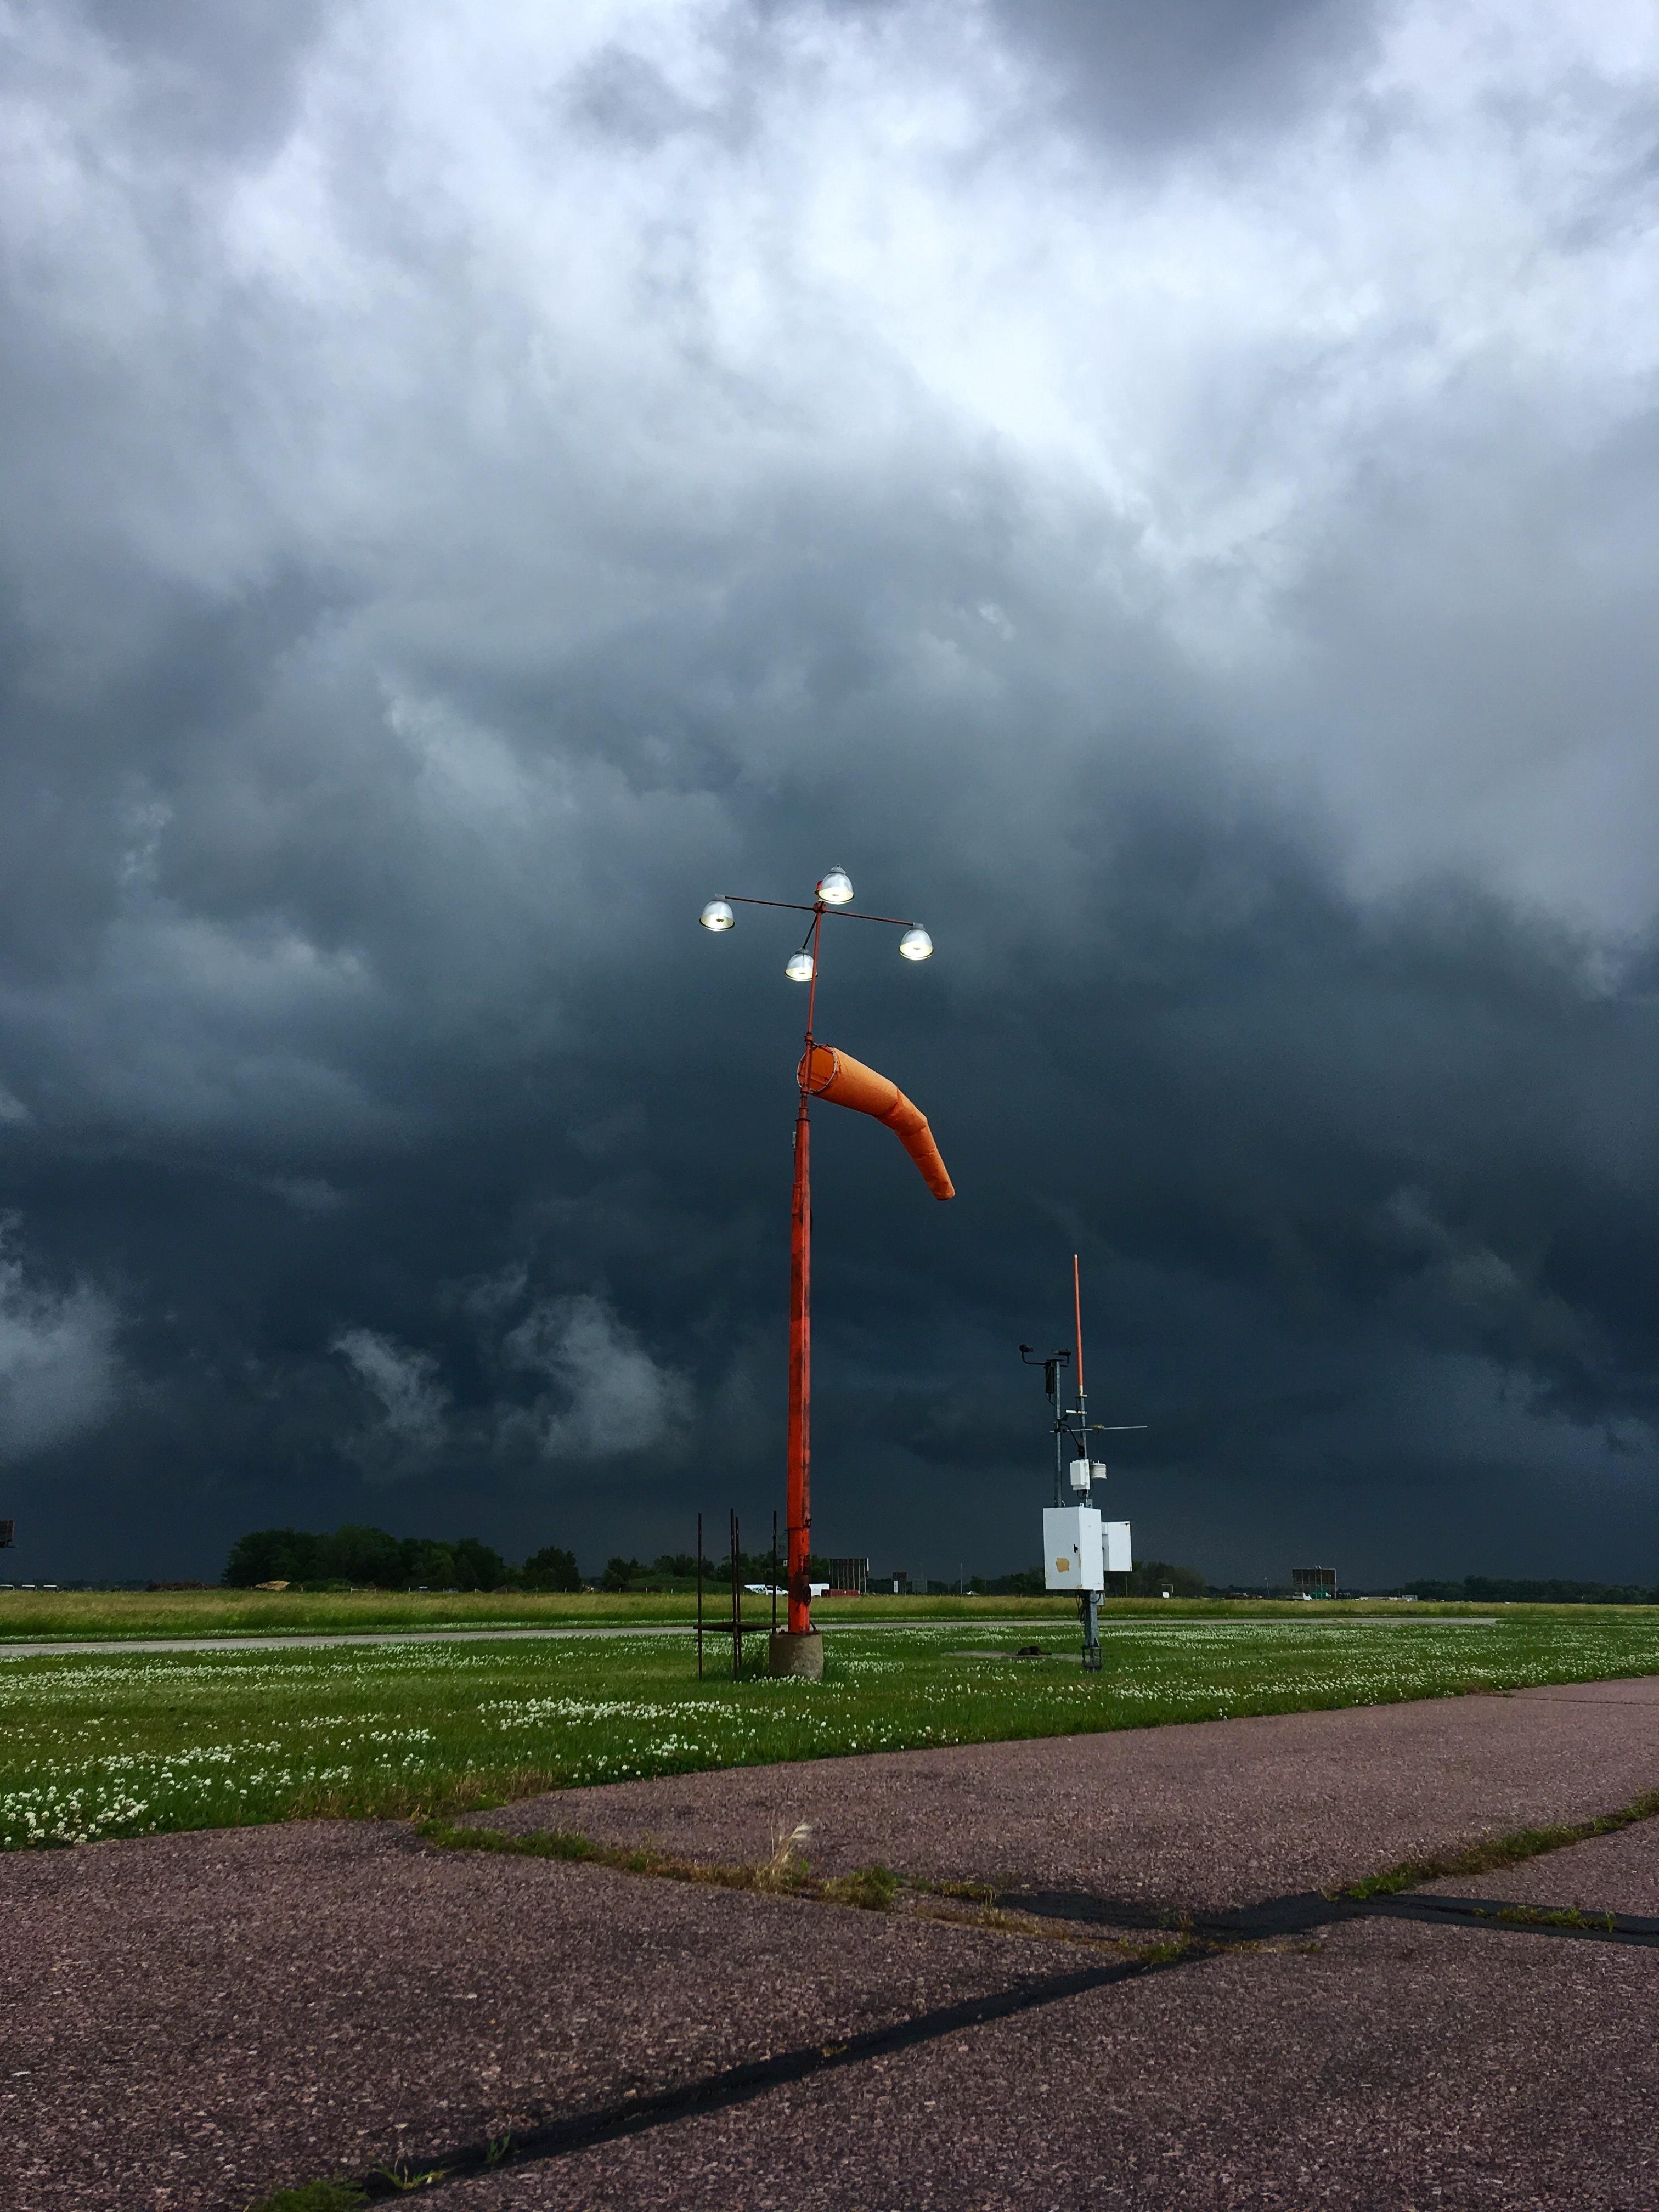 Photo by Will Drzycimski on Unsplash (wiatr)